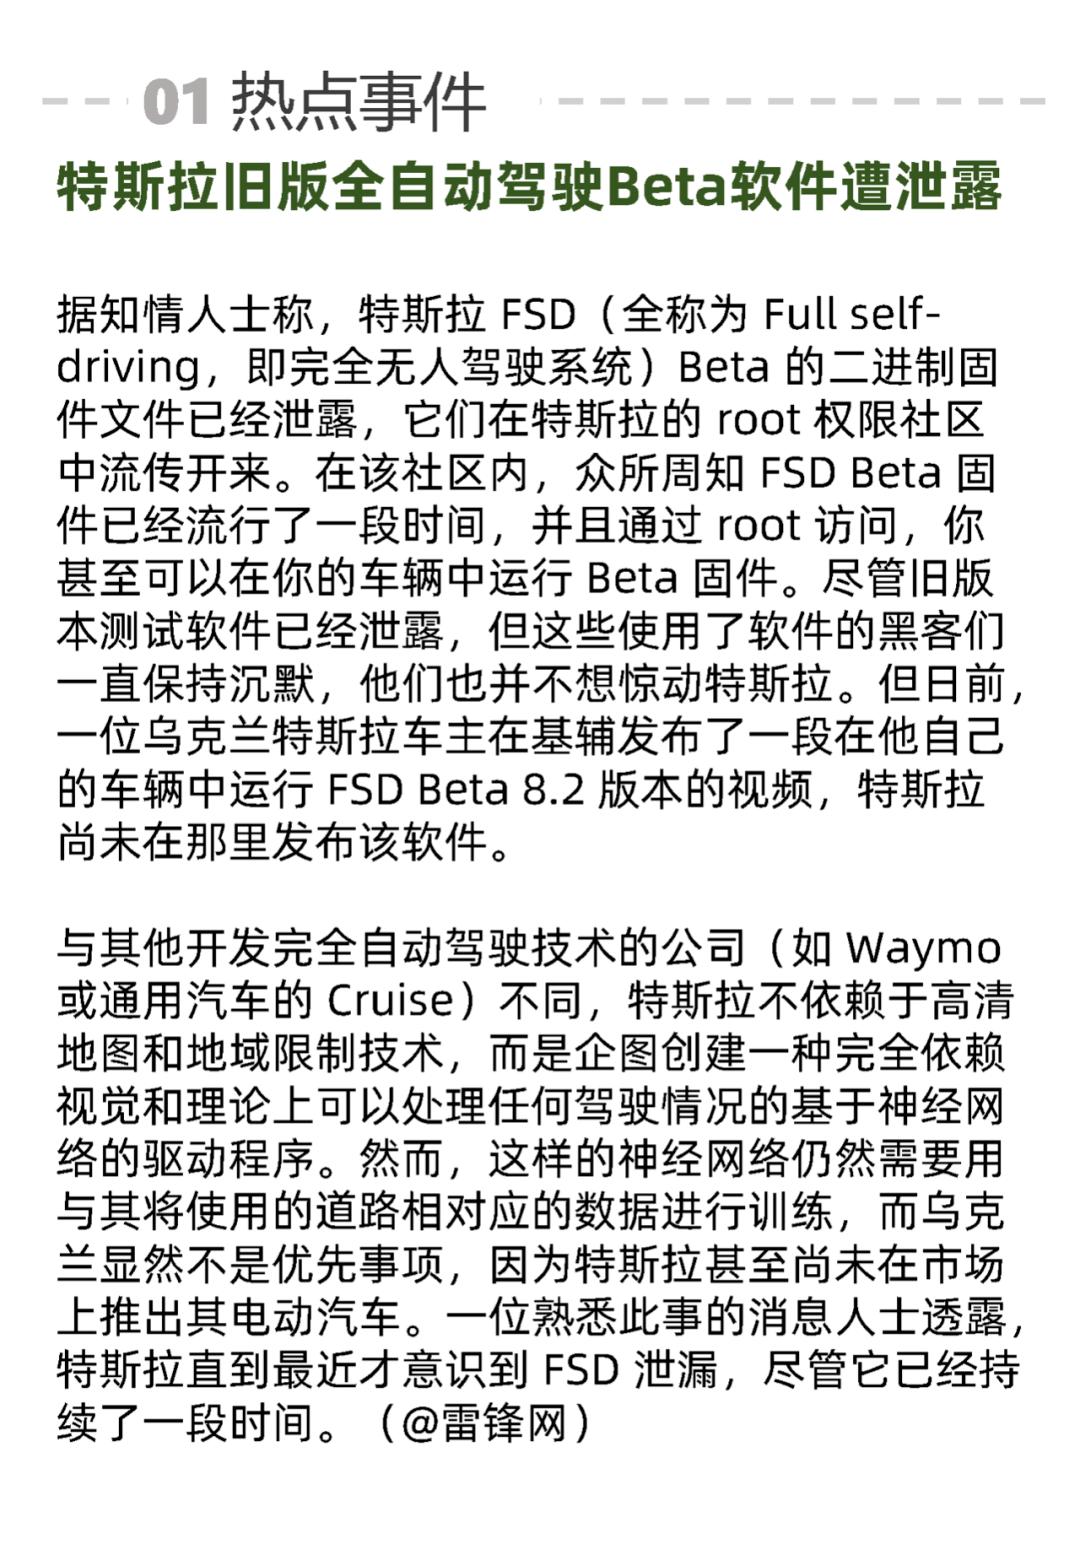 """騰訊注冊""""元宇宙""""商標;蘋果造車項目領導人"""